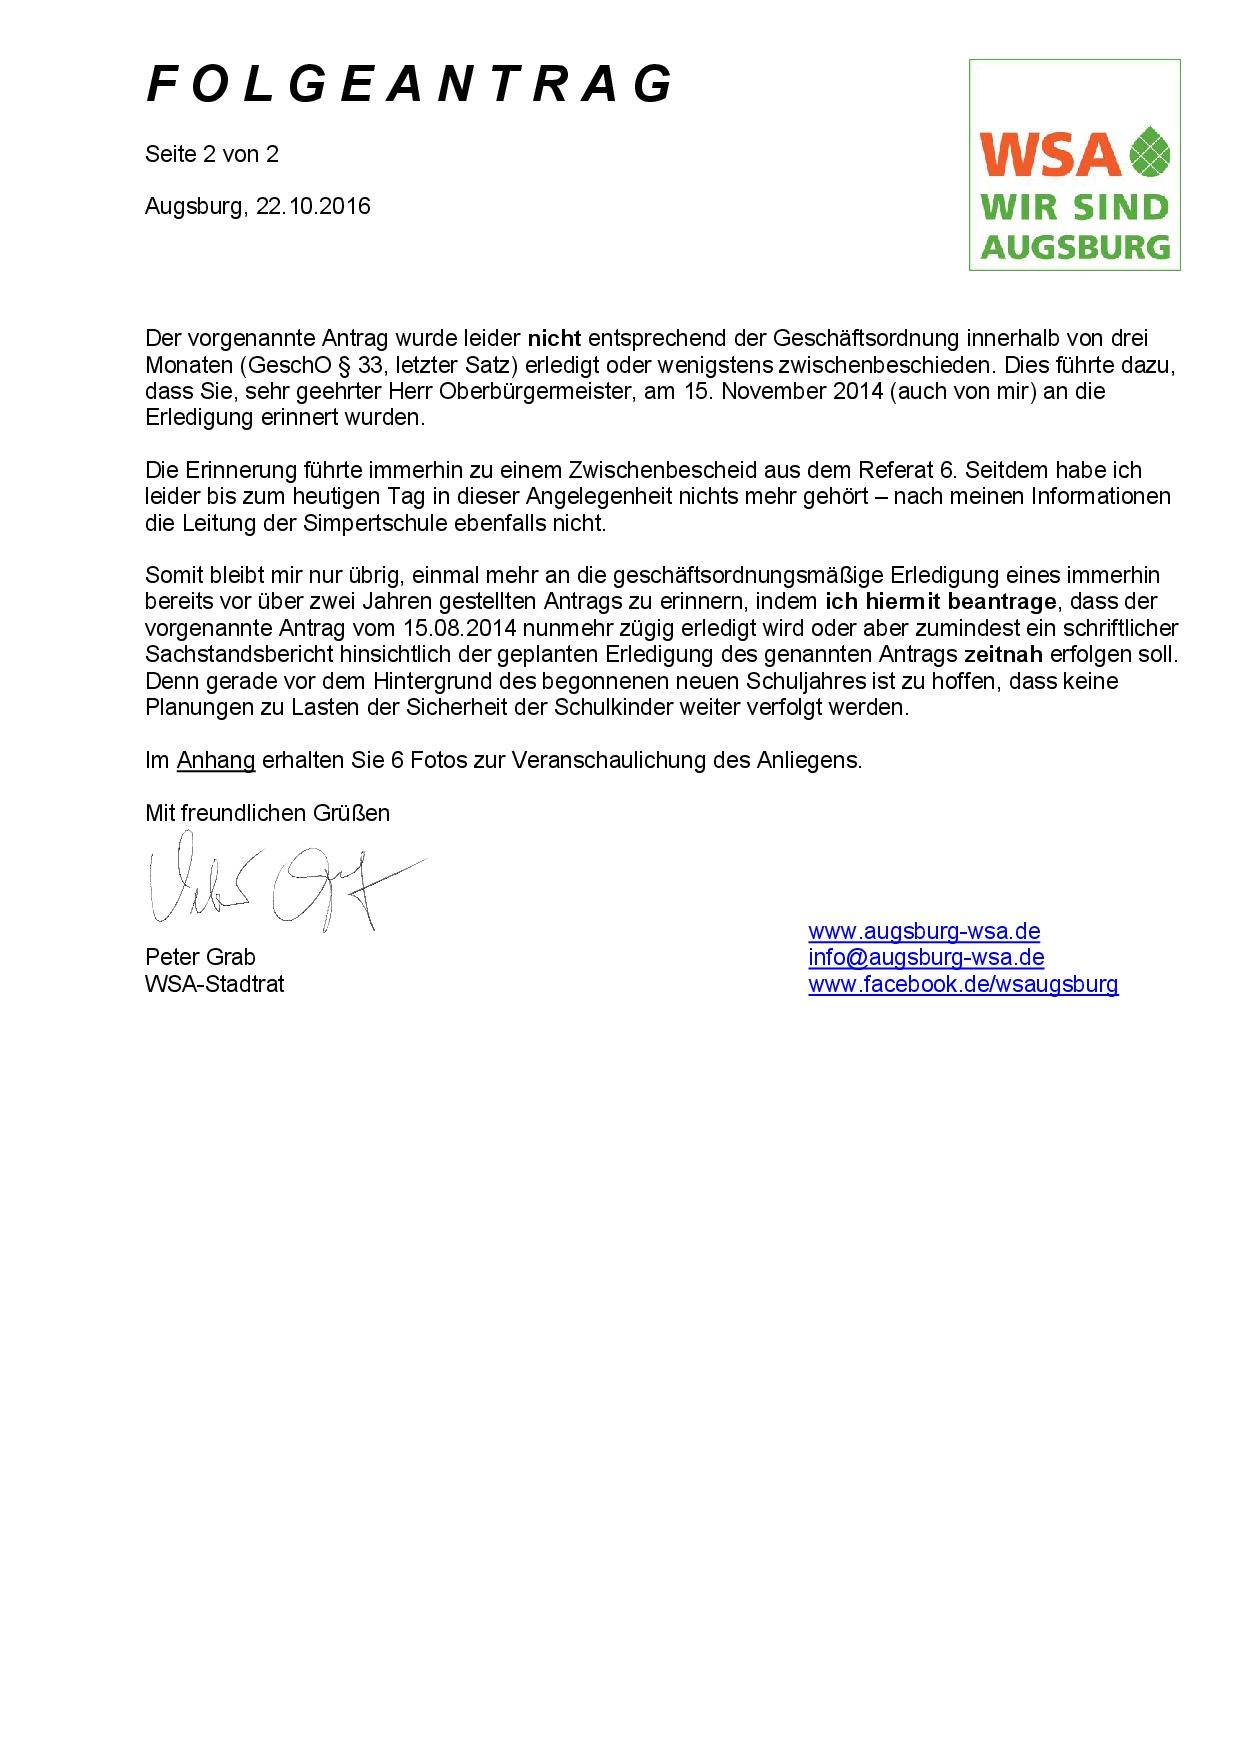 WSA-Folgeantrag vom 22.10.2016 zur Simpertschule Augsburg, Seite 2